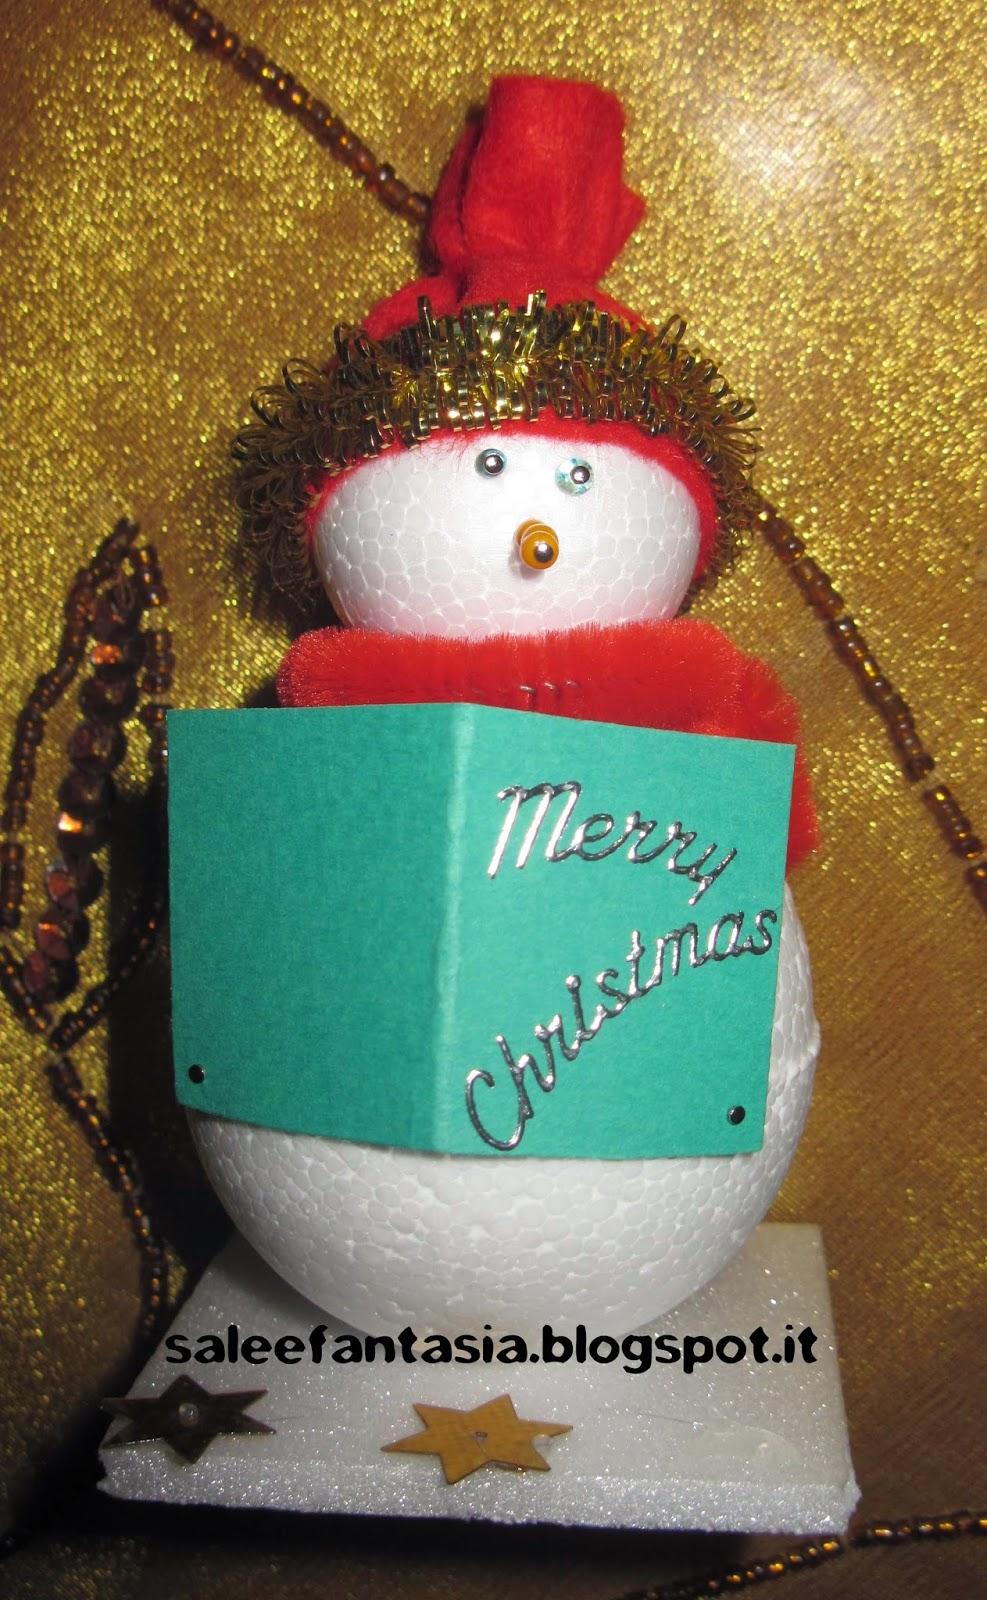 Segnaposto Natalizi In Cartoncino.Sale E Fantasia Segnaposto Di Natale